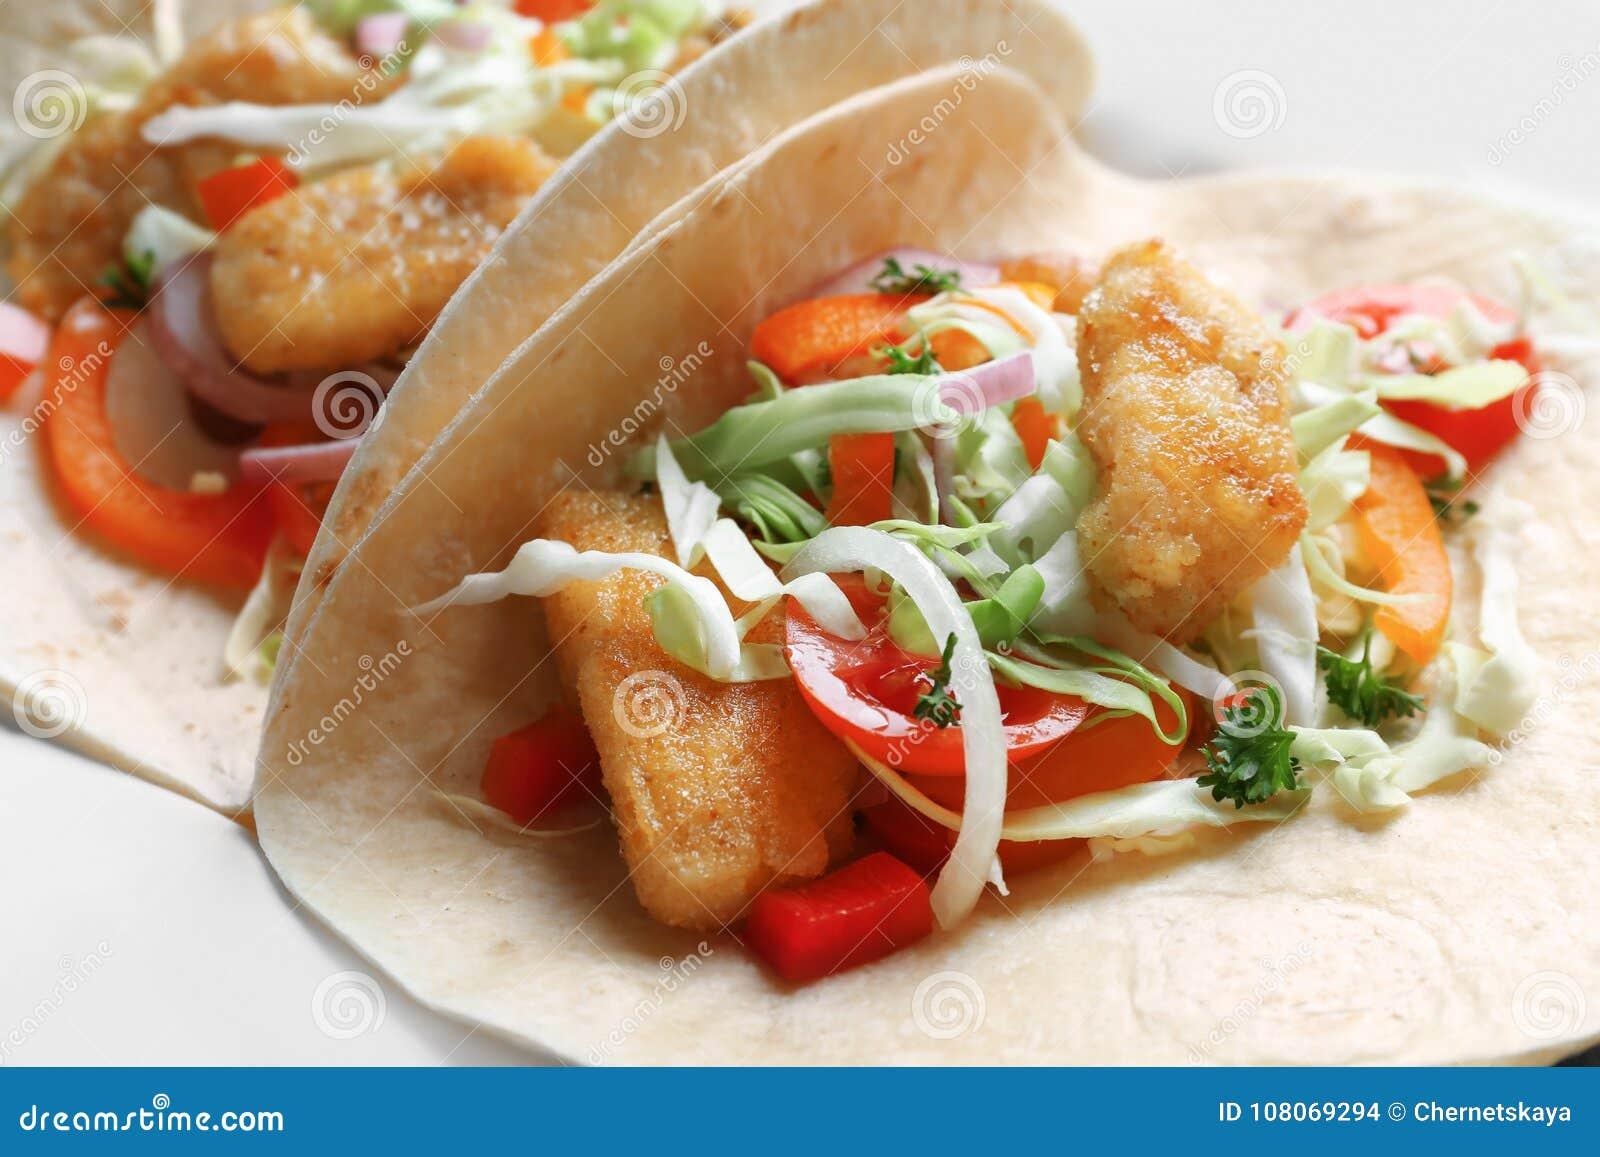 鲜美鱼肉玉米卷,特写镜头